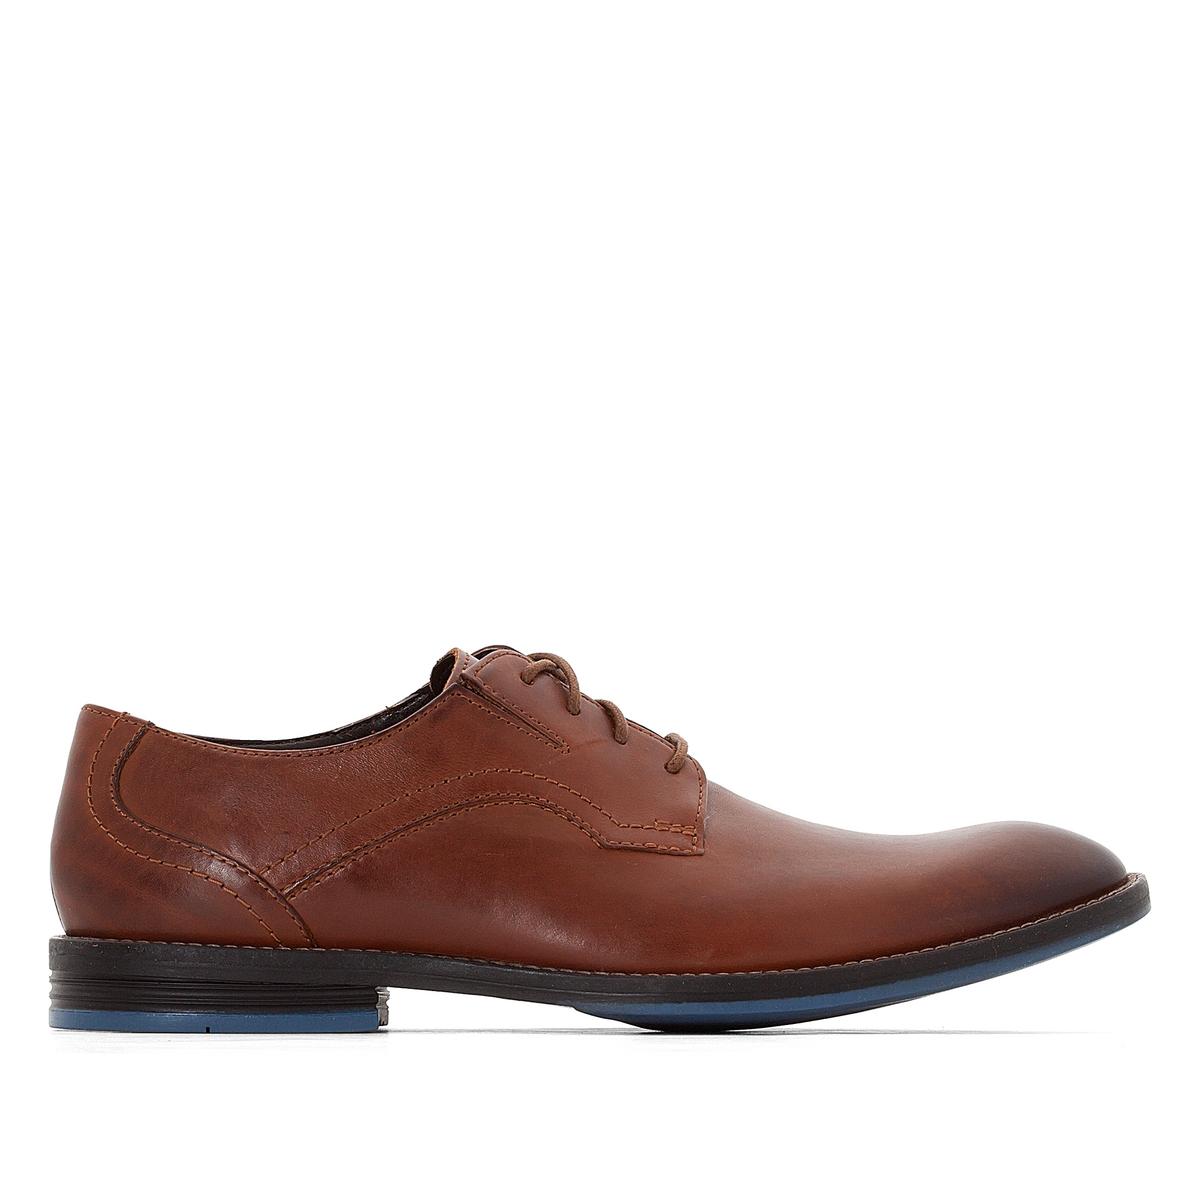 Ботинки-оксфорды кожаные Prangley Walk ботинки оксфорды кожаные prangley walk